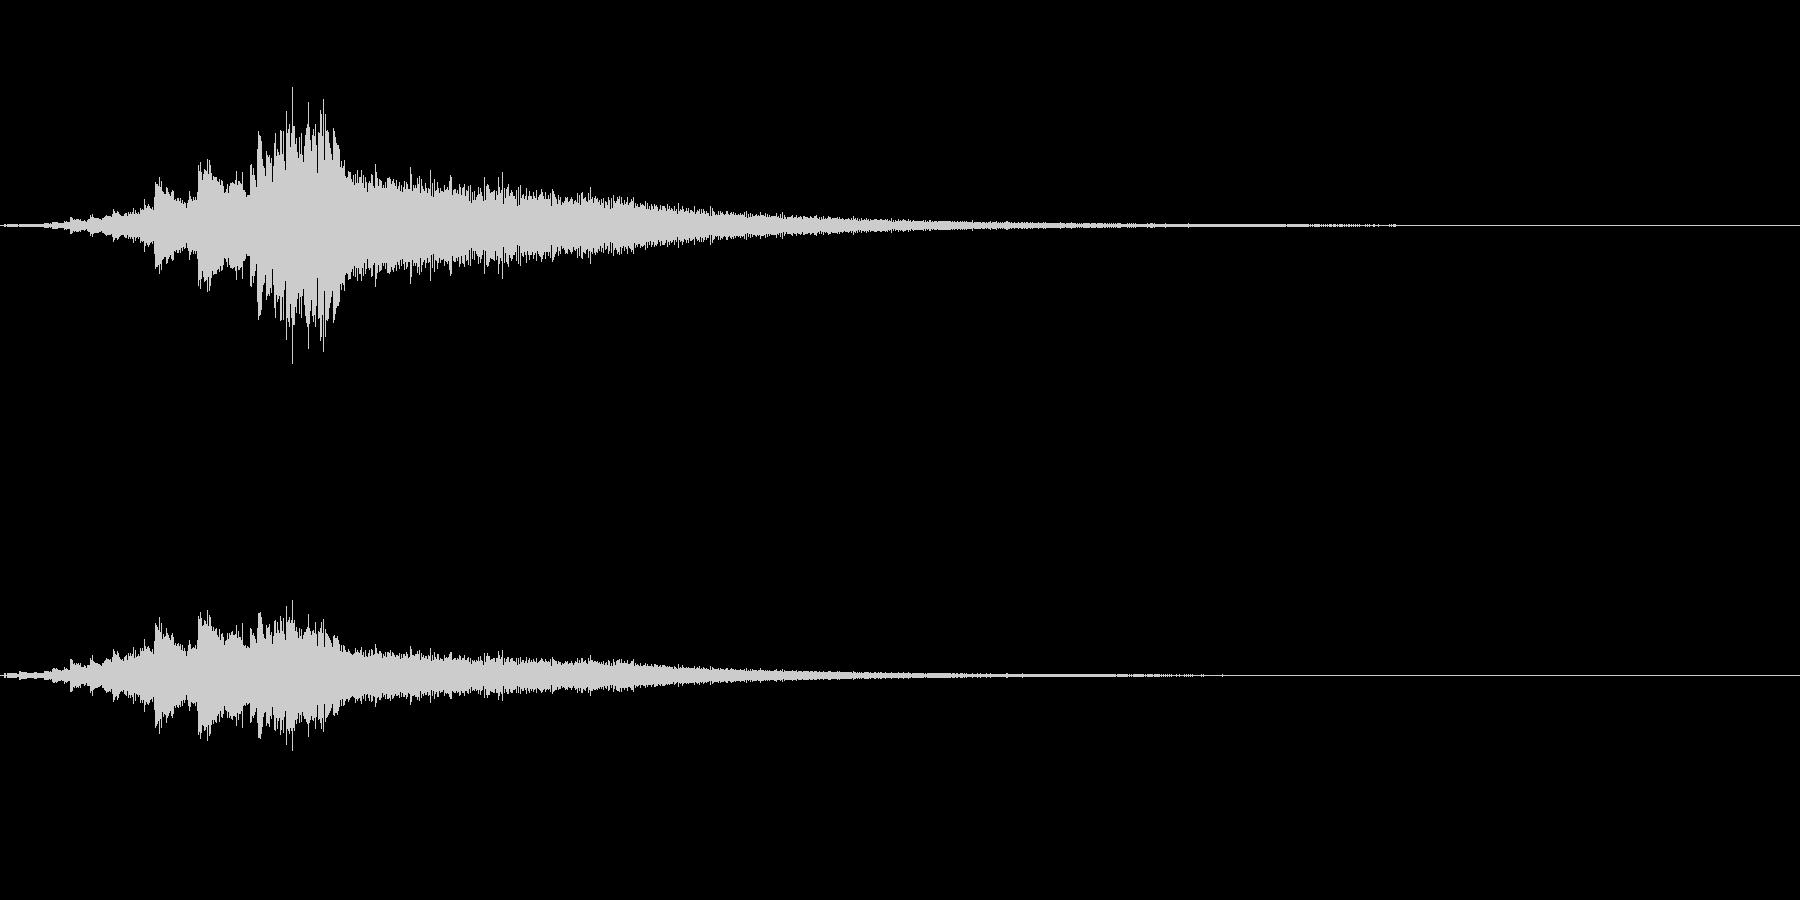 しゃららららららら ウィンドチャイムの…の未再生の波形